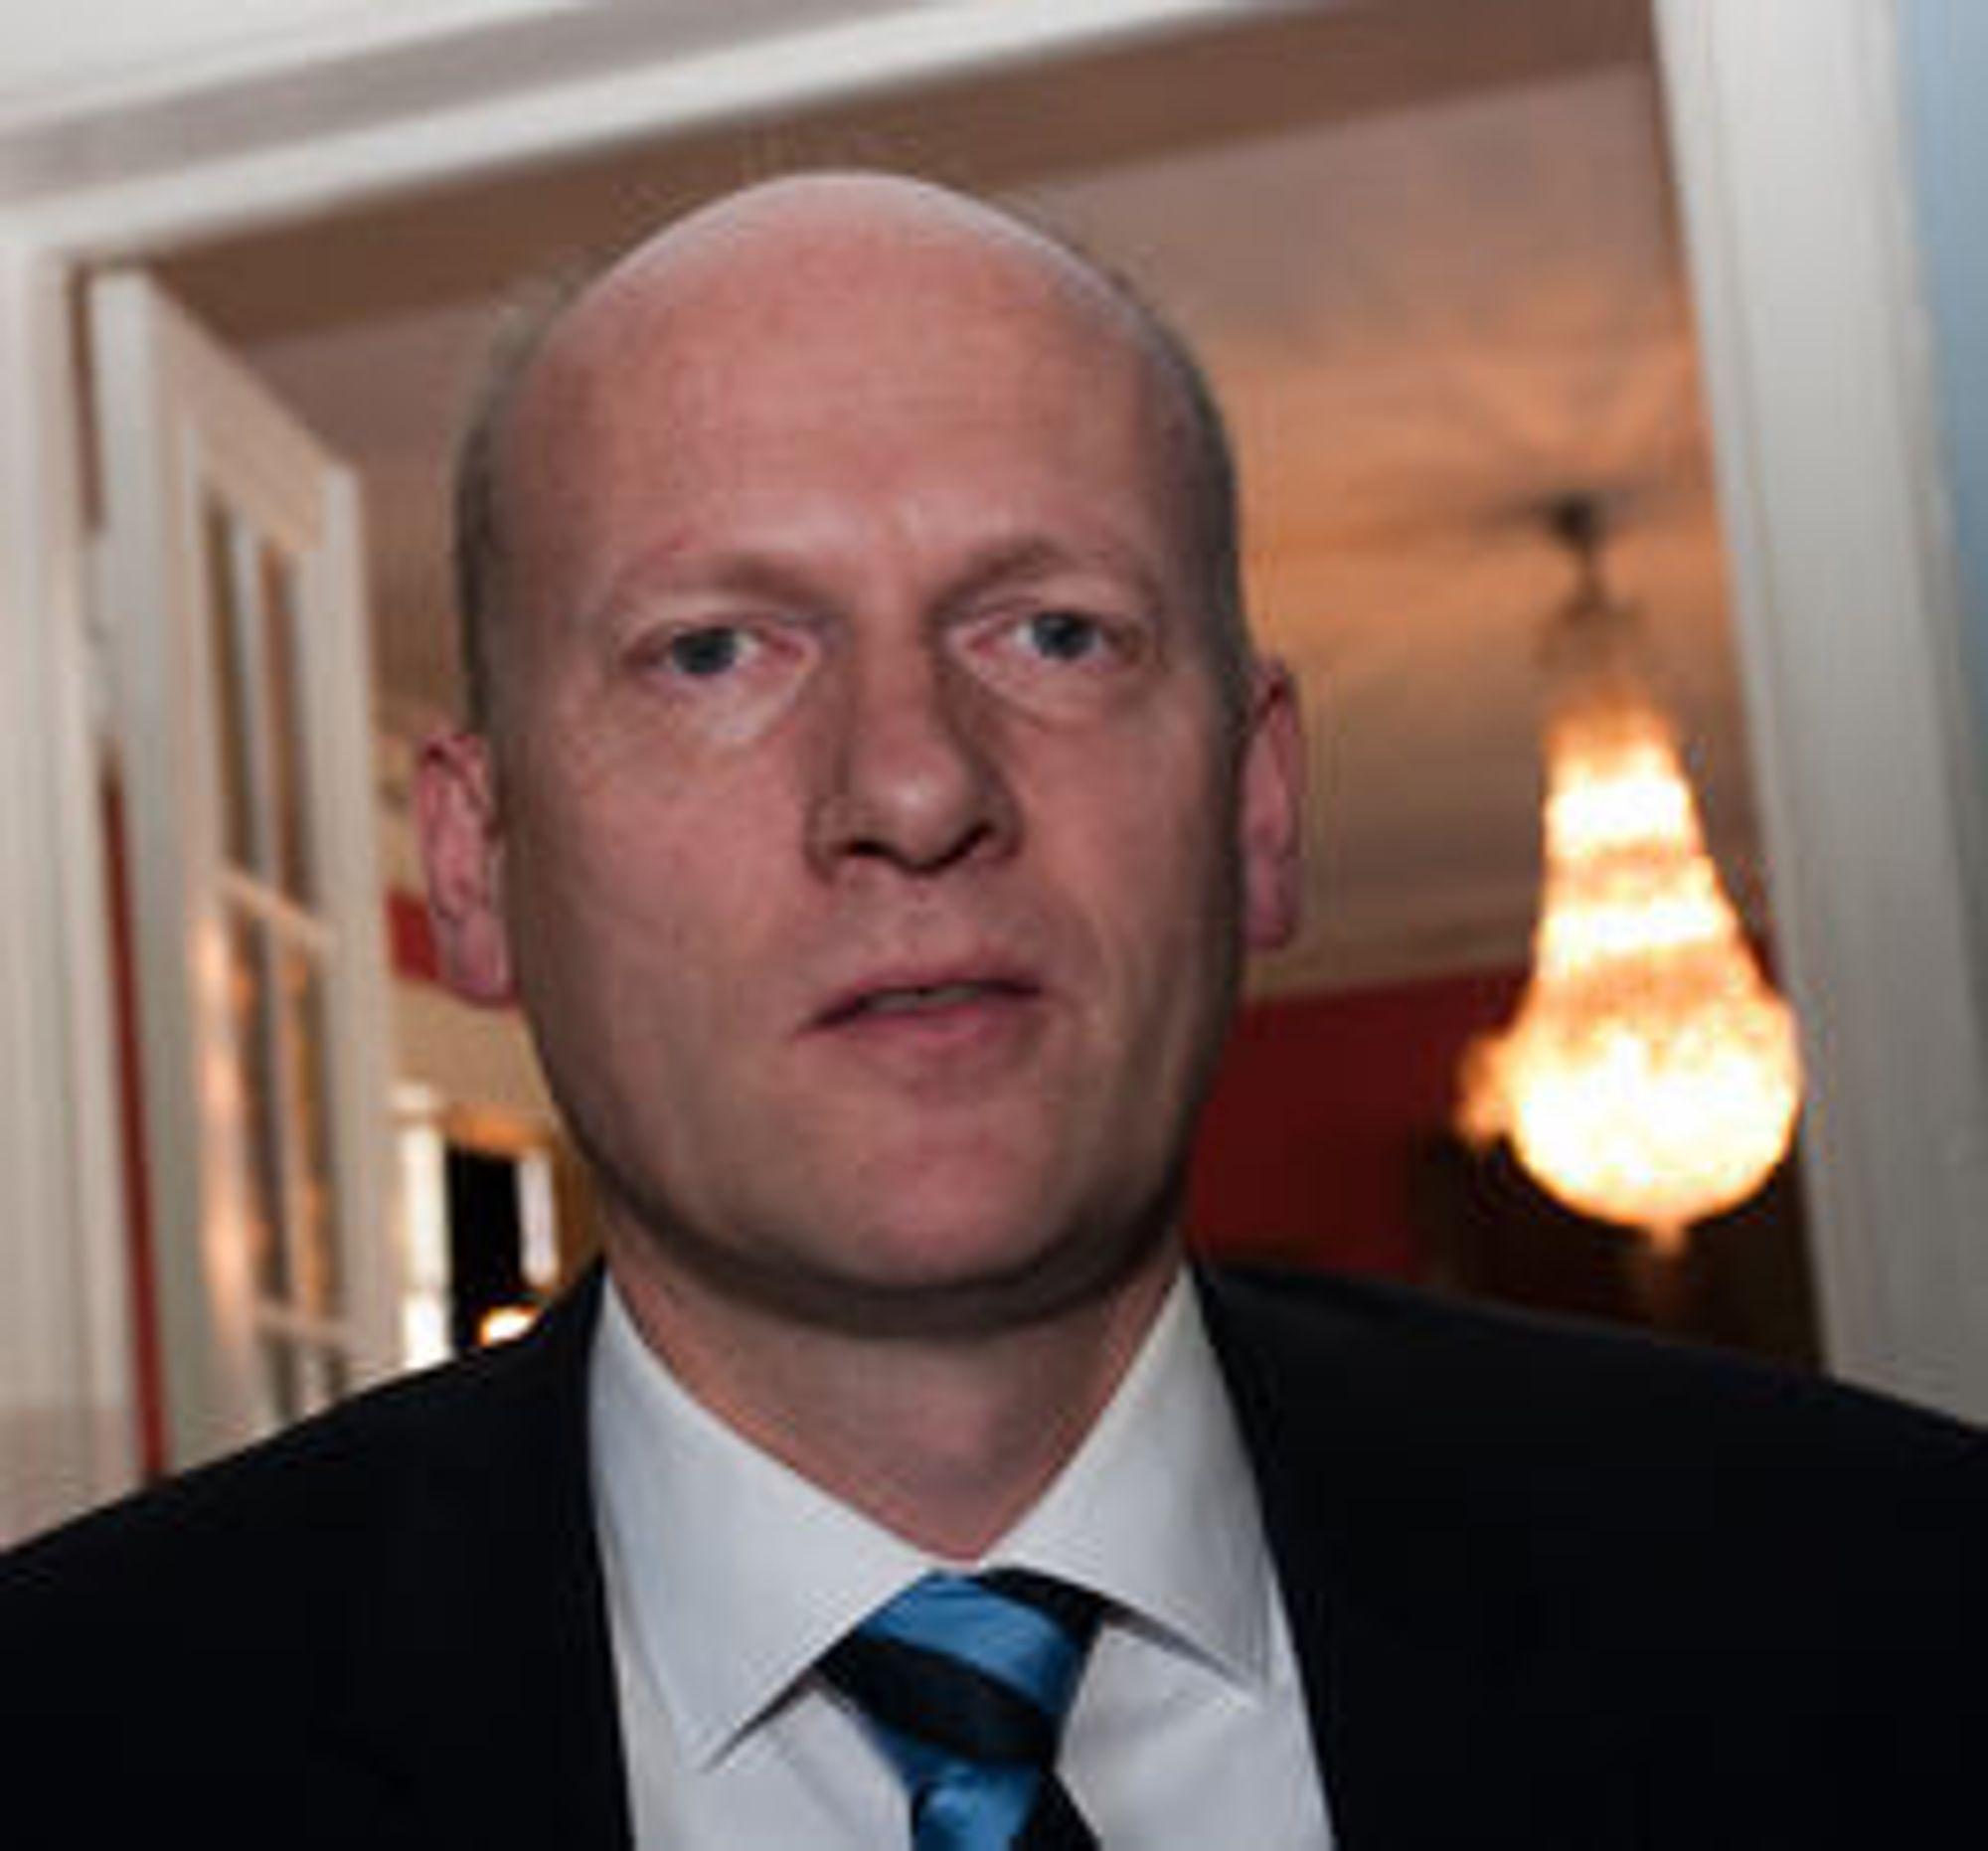 Å samle kreftene på denne måten vil bli lagt merke til internasjonalt, sier Anders Werp i Høyre.